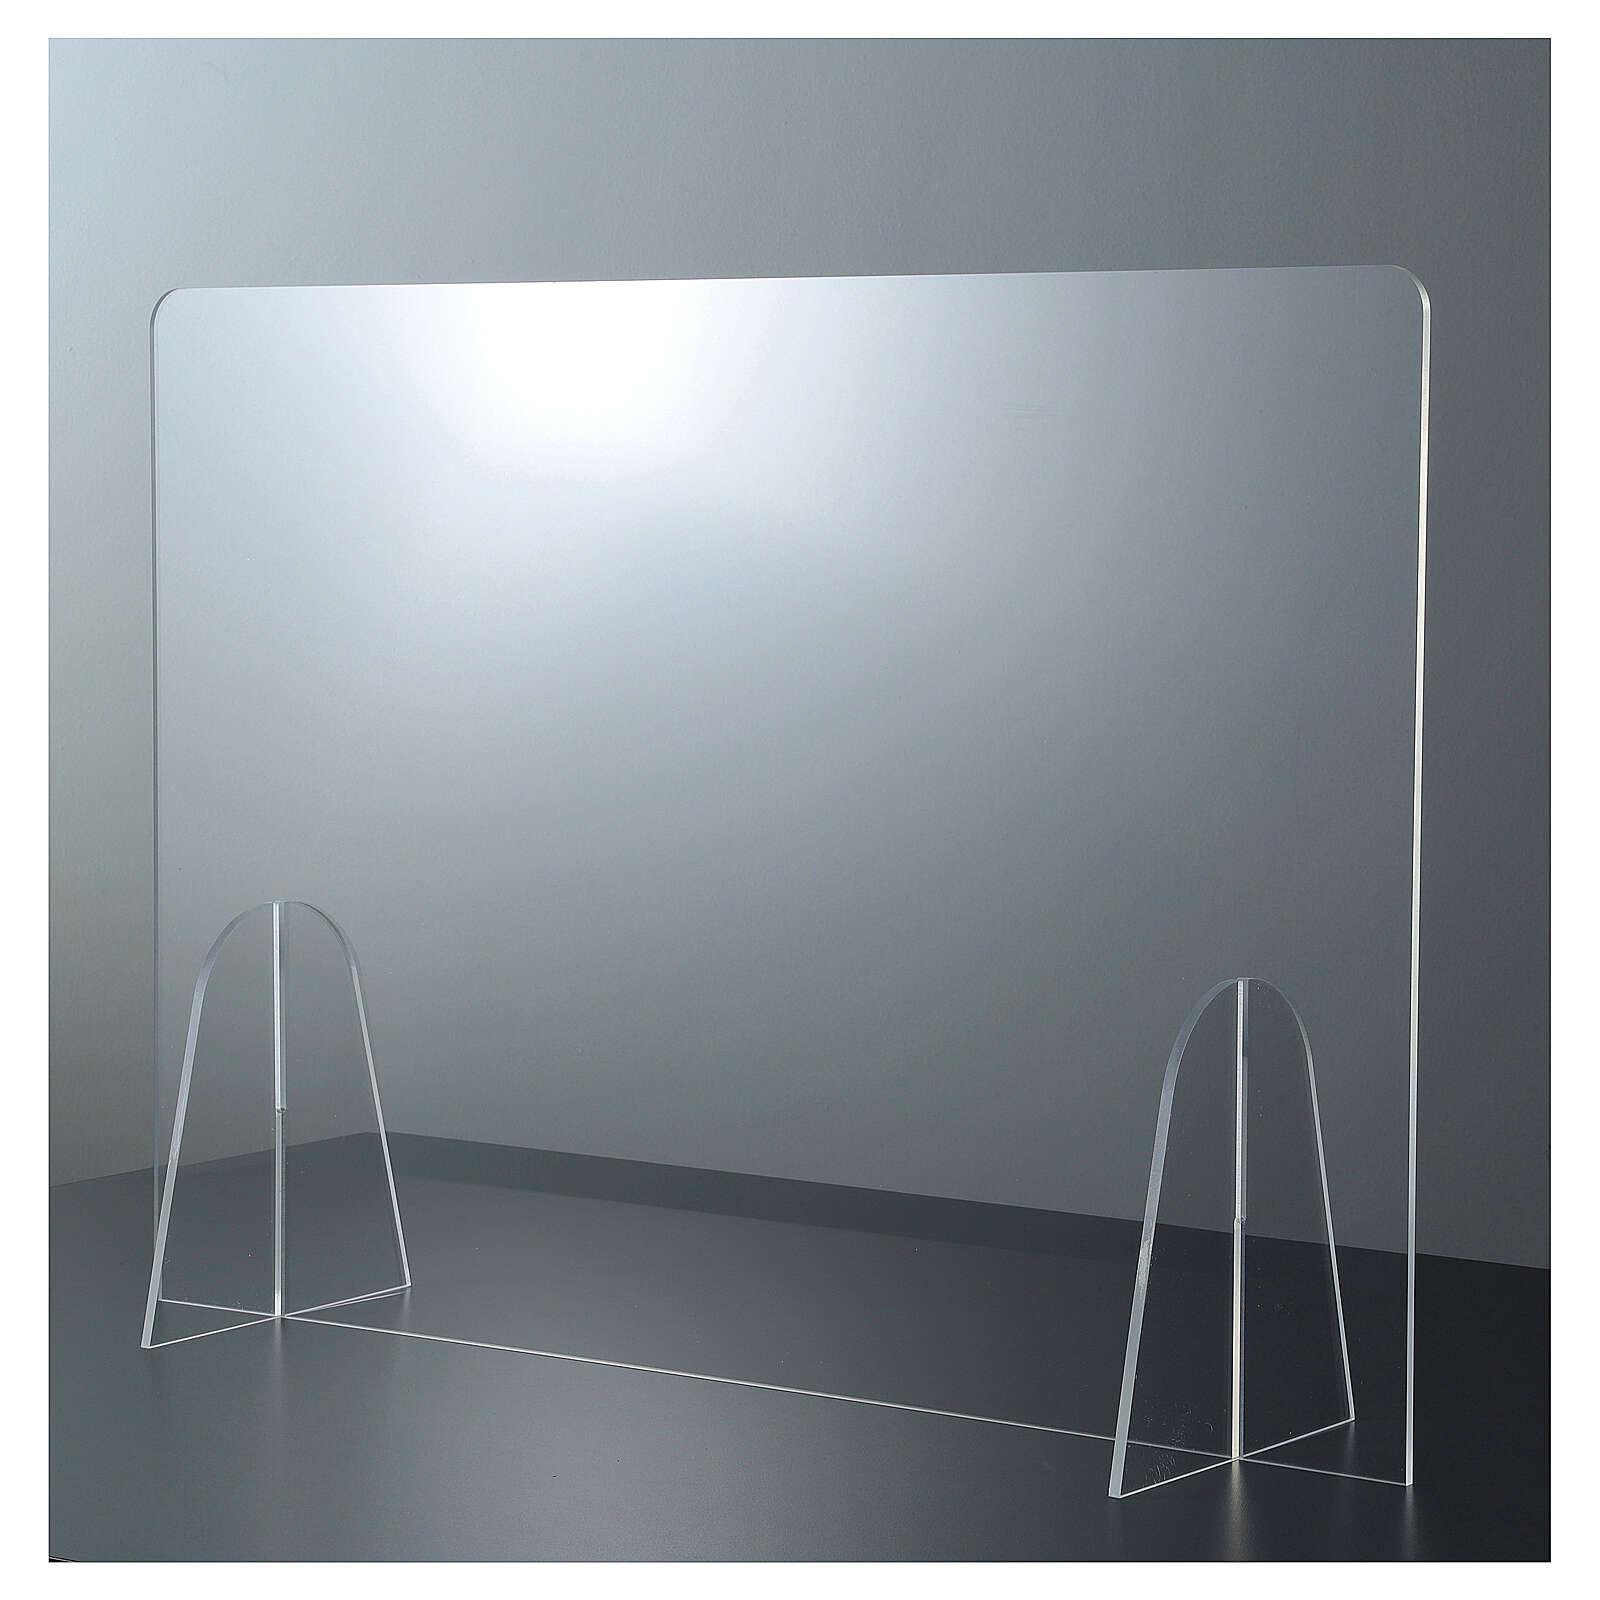 Barreira de proteção anti-contágio de mesa Design Gota acrílico 50x140 cm 3